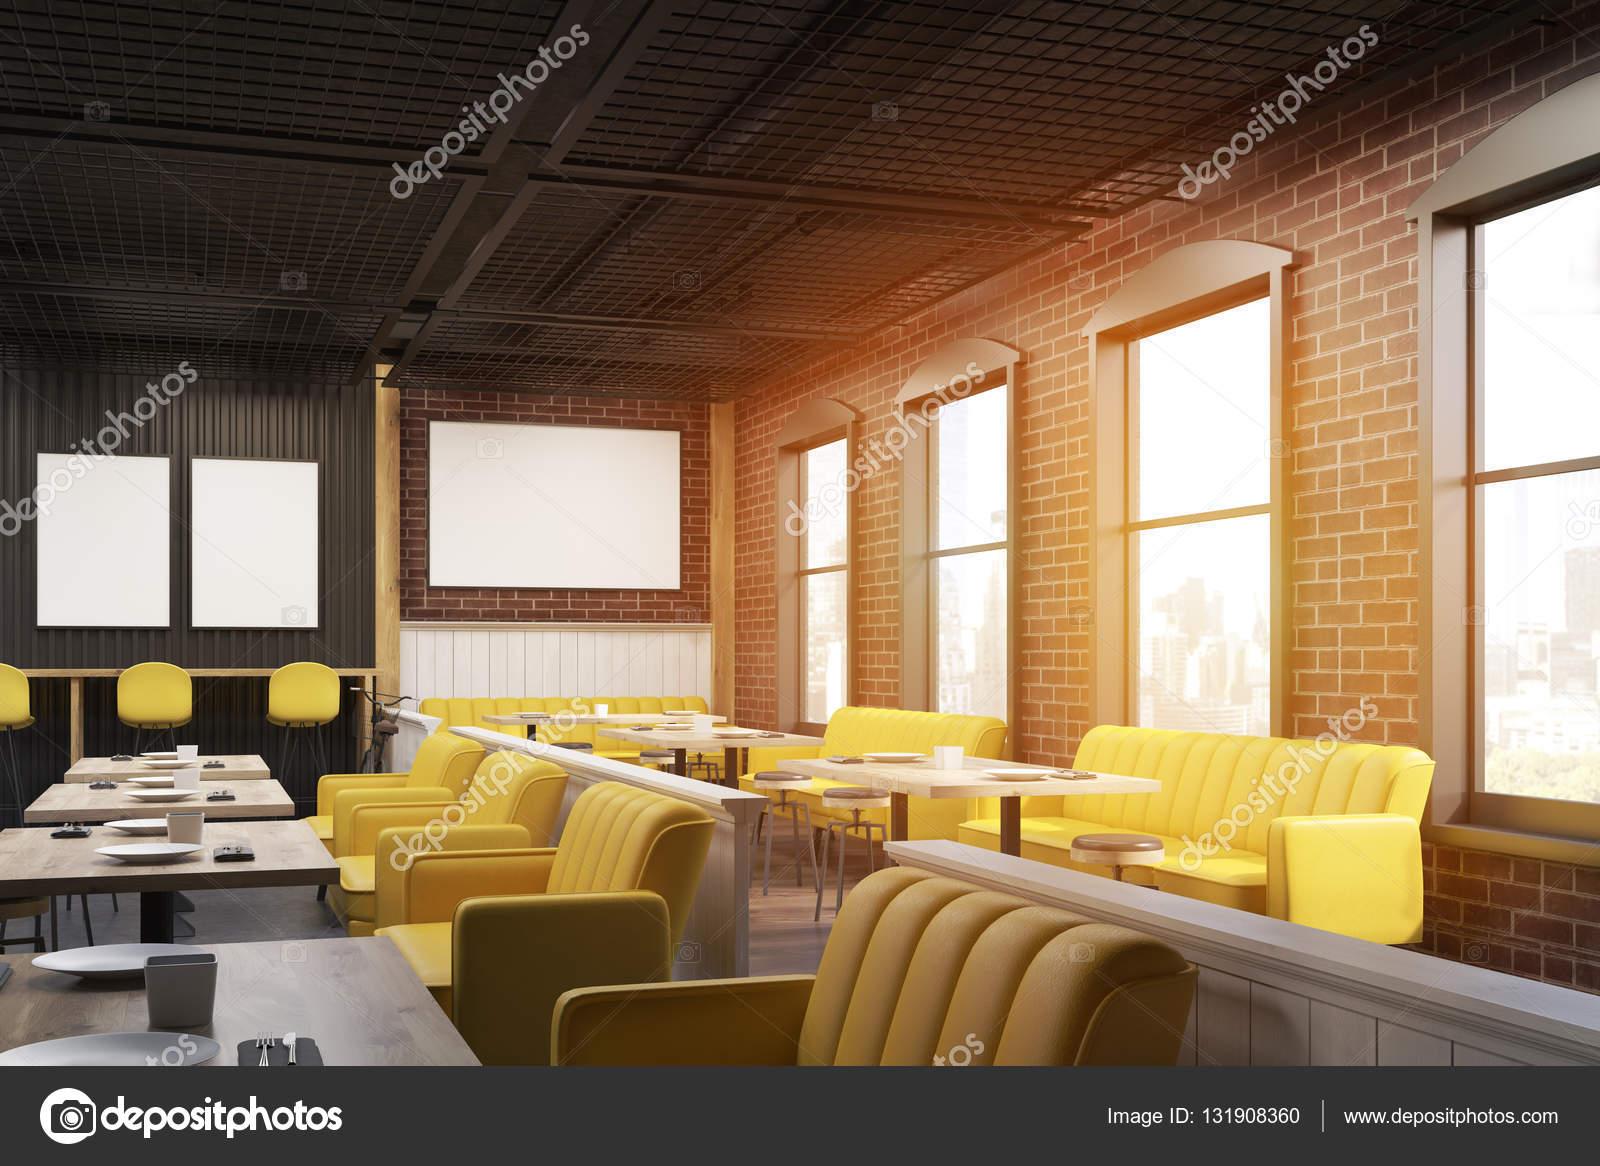 cafe interieur met geel en beige banken houten tafels en bakstenen muur met affiches opknoping op hen 3d rendering mock up getinte afbeelding foto van